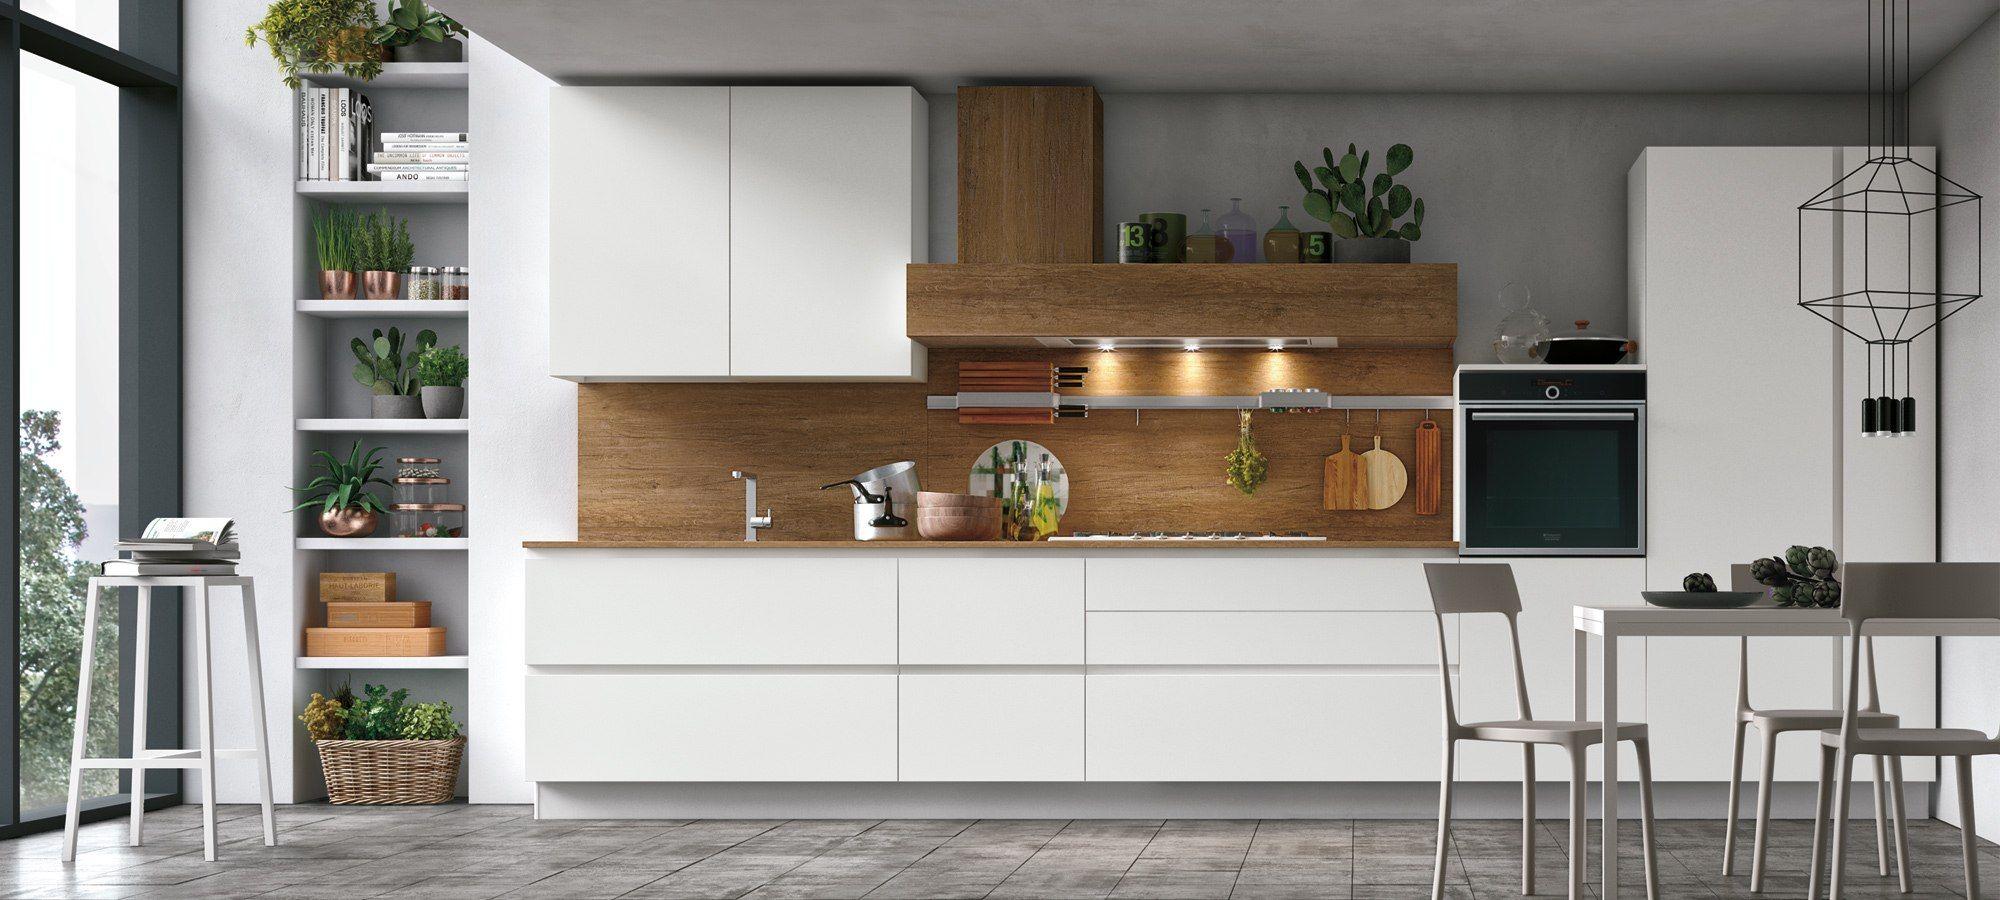 cucine moderne stosa - modello cucina infinity 02 | Kitchen ...